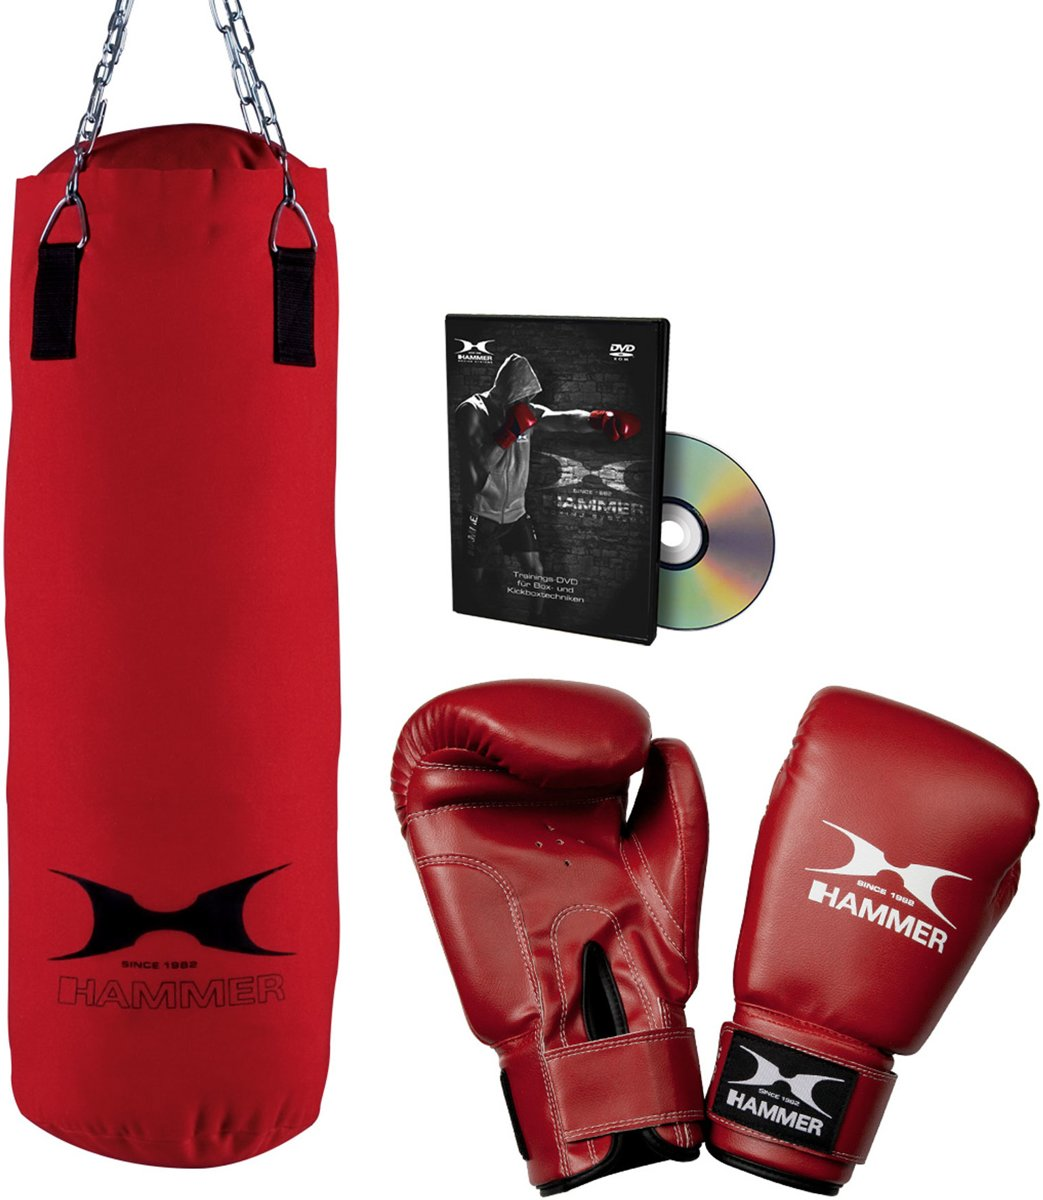 Hammer Boxing Set FIT - Bokszak 60 cm met Bokshandschoenen 10 oz nylon en DvD